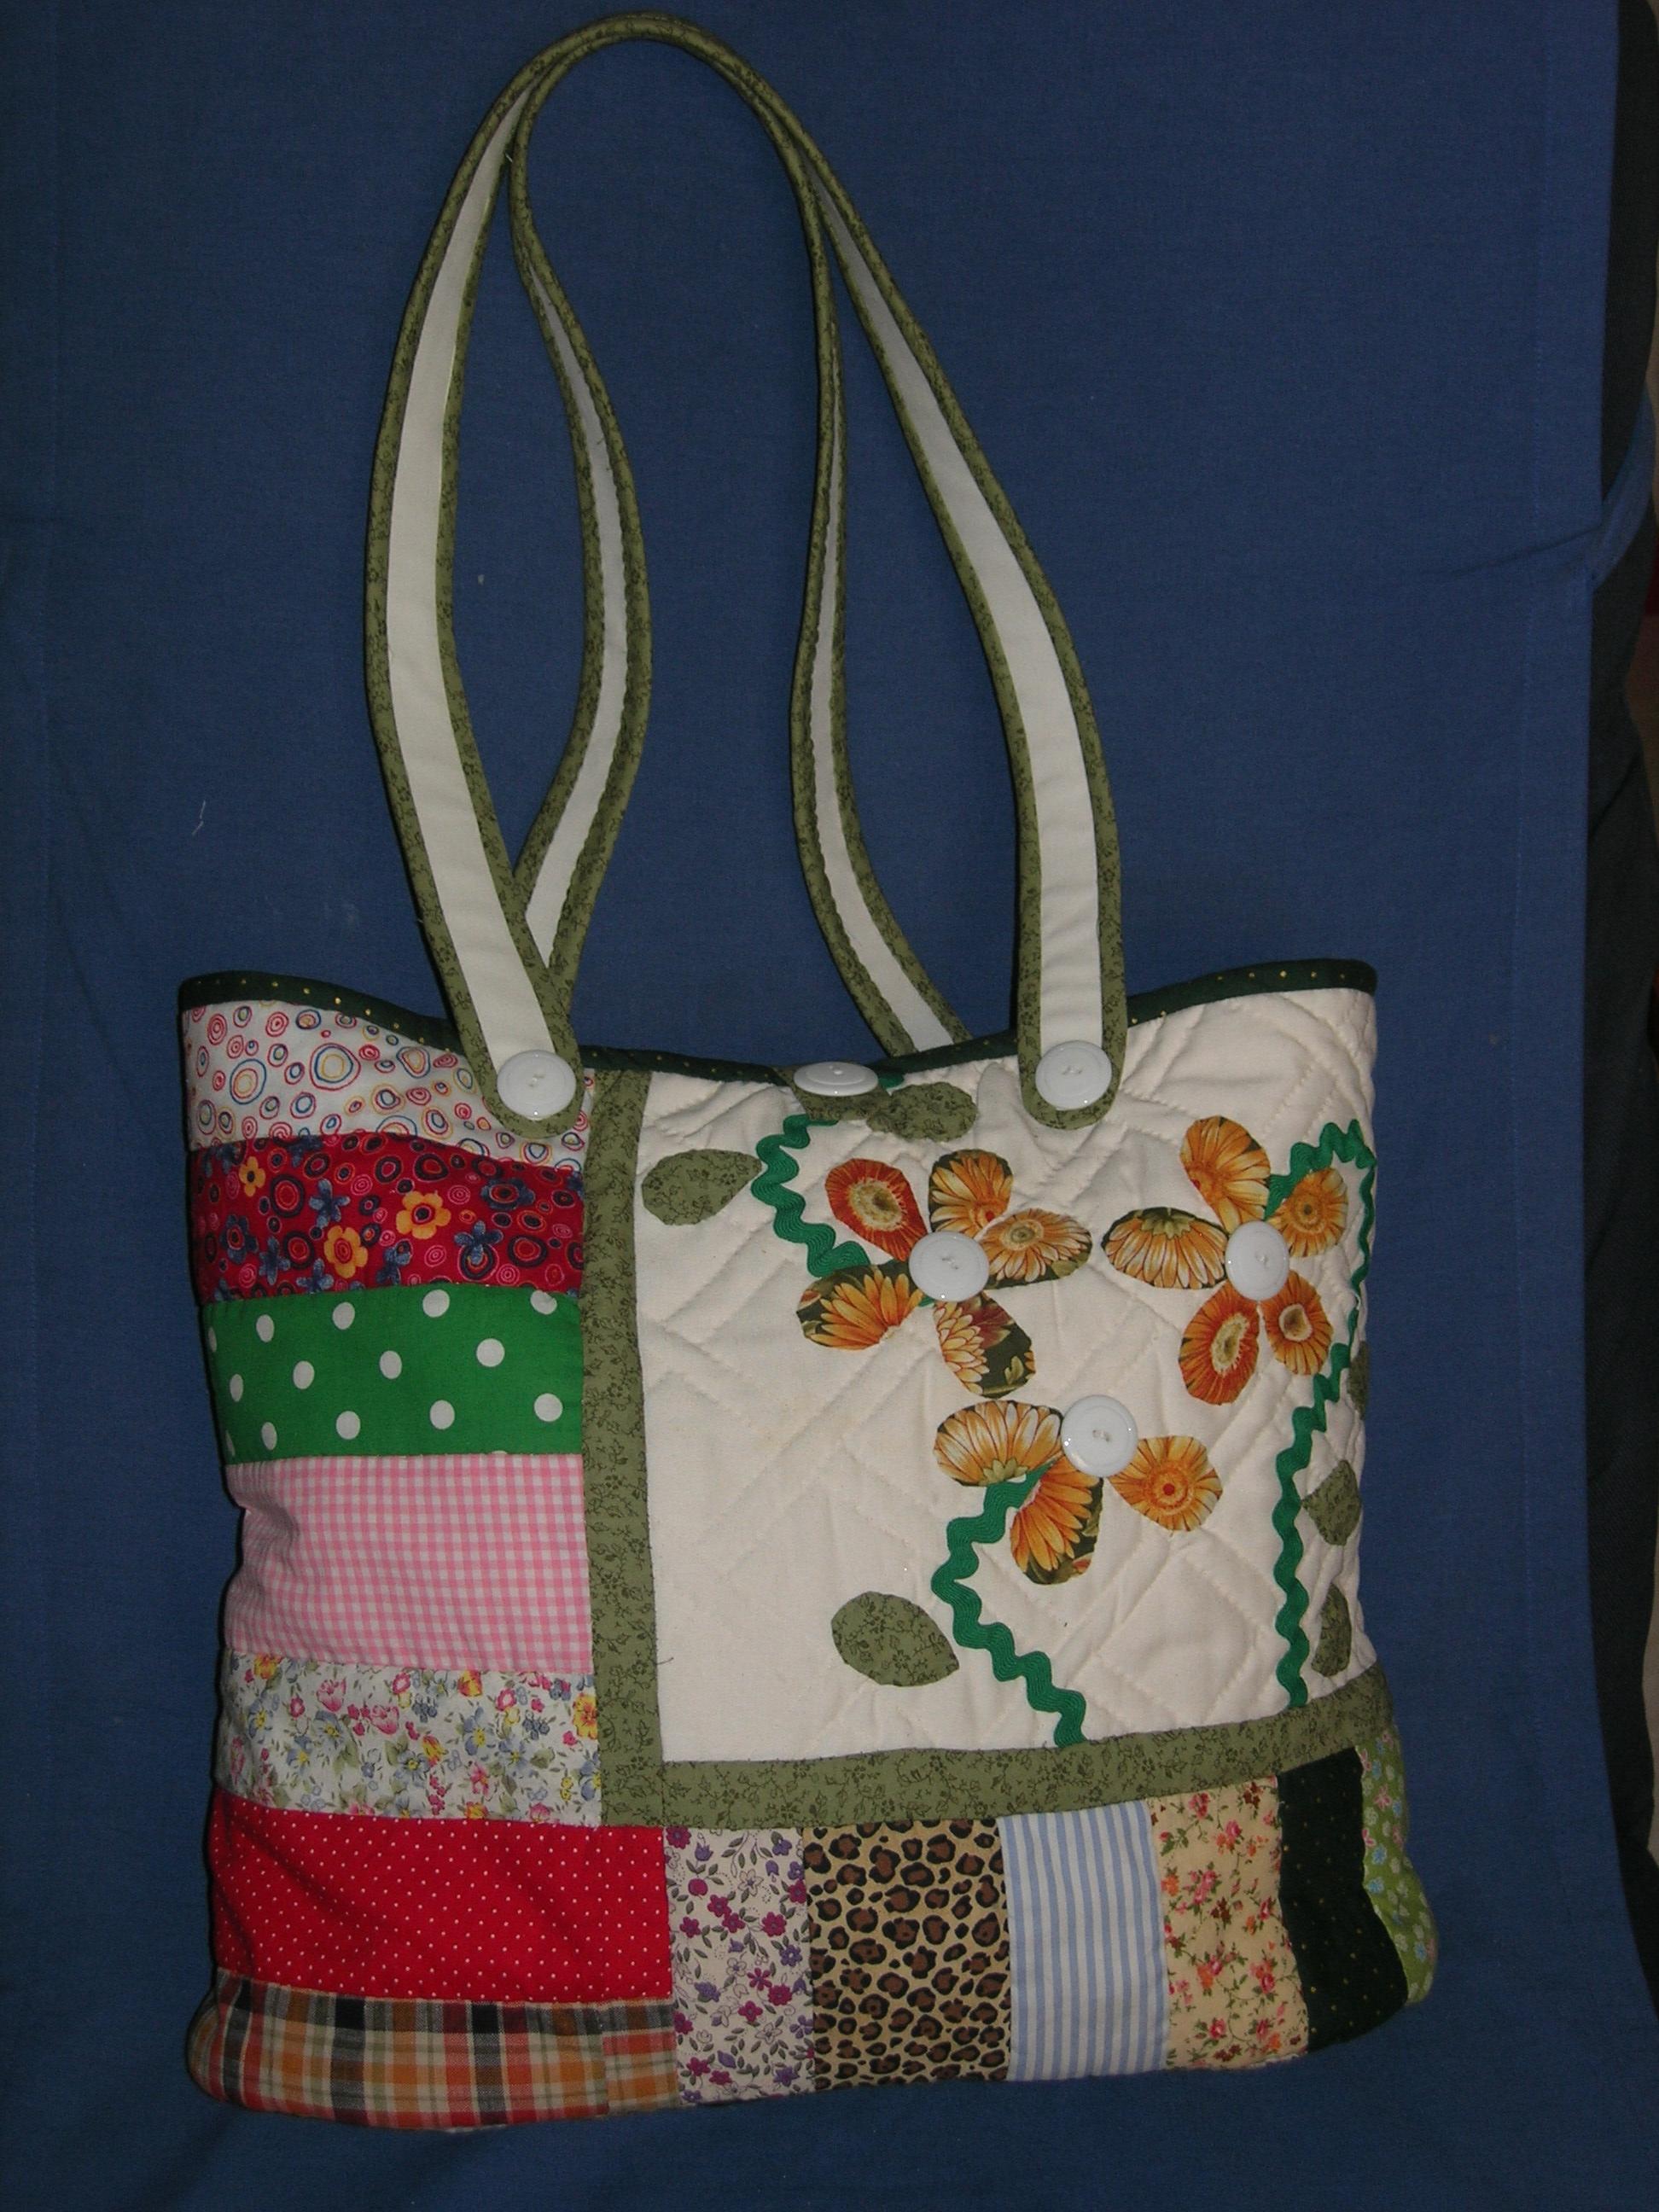 Bolso tijeras y cuchara - Manualidades patchwork bolsos ...